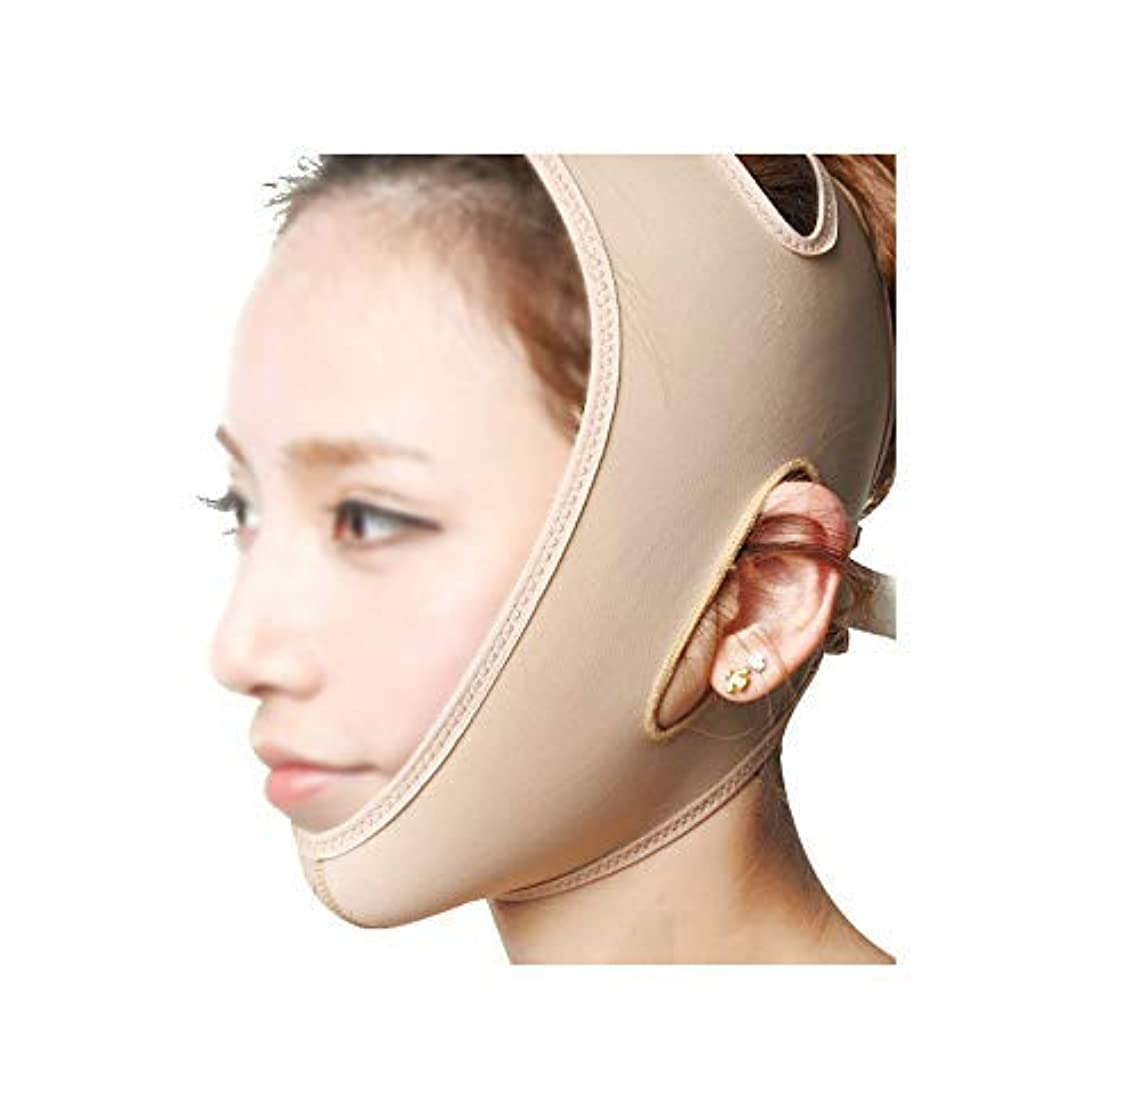 とげのある六段階フェイスリフティングバンデージ、フェイスマスク3Dパネルデザイン、通気性に優れたライクラ素材の物理的なVフェイス、美しい顔の輪郭の作成(サイズ:S),ザ?